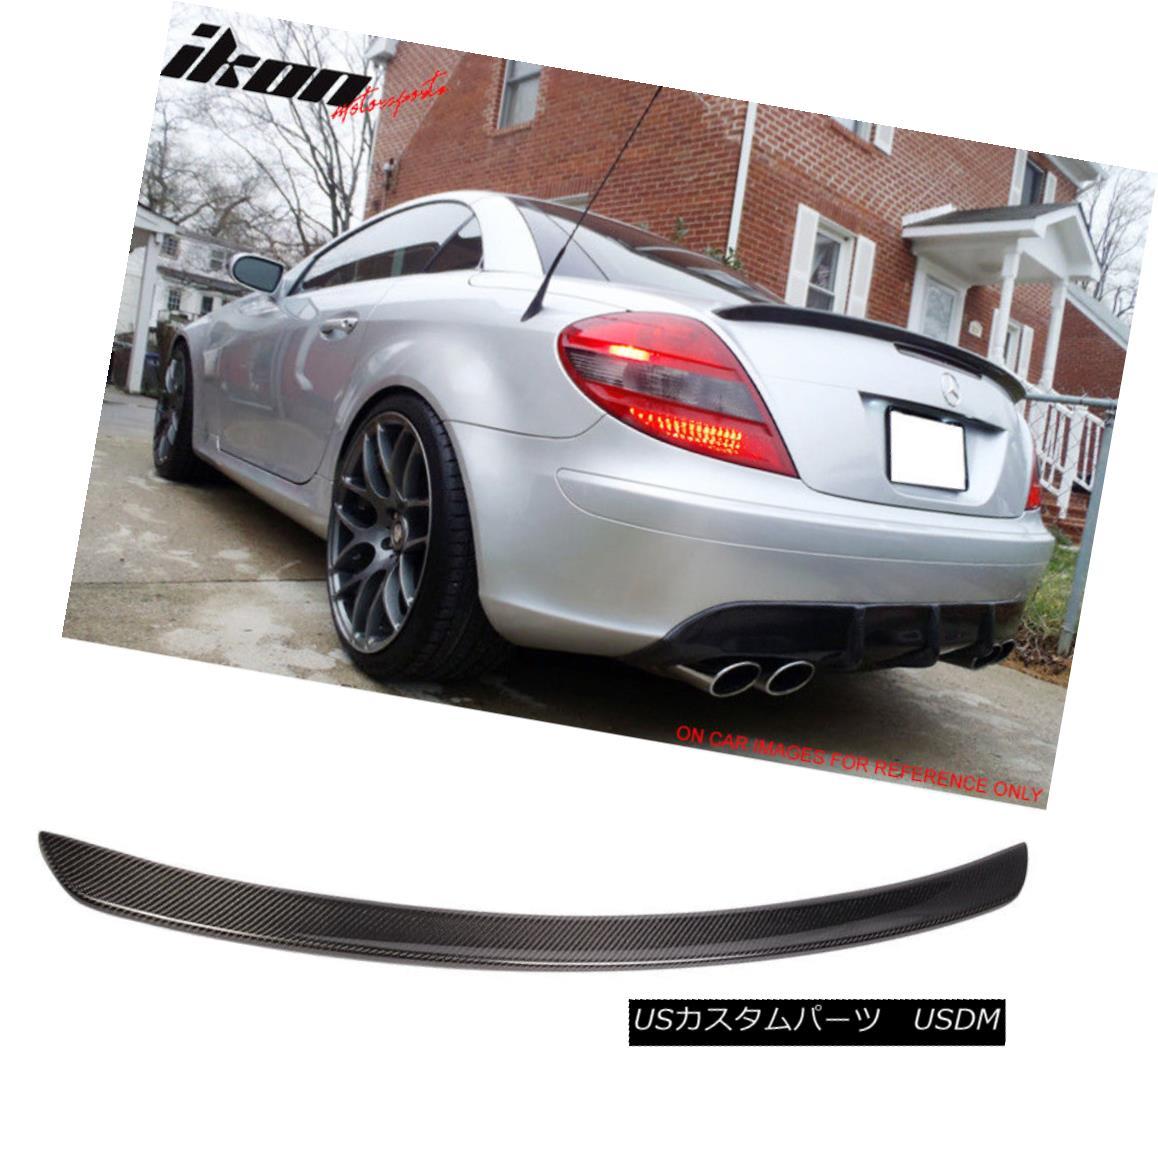 エアロパーツ Fits 05-10 Benz SLK-Class R171 AMG Carbon Fiber (CF) Trunk Spoiler Wing フィット05-10ベンツSLKクラスR171 AMG炭素繊維(CF)トランク・スポイラー・ウィング